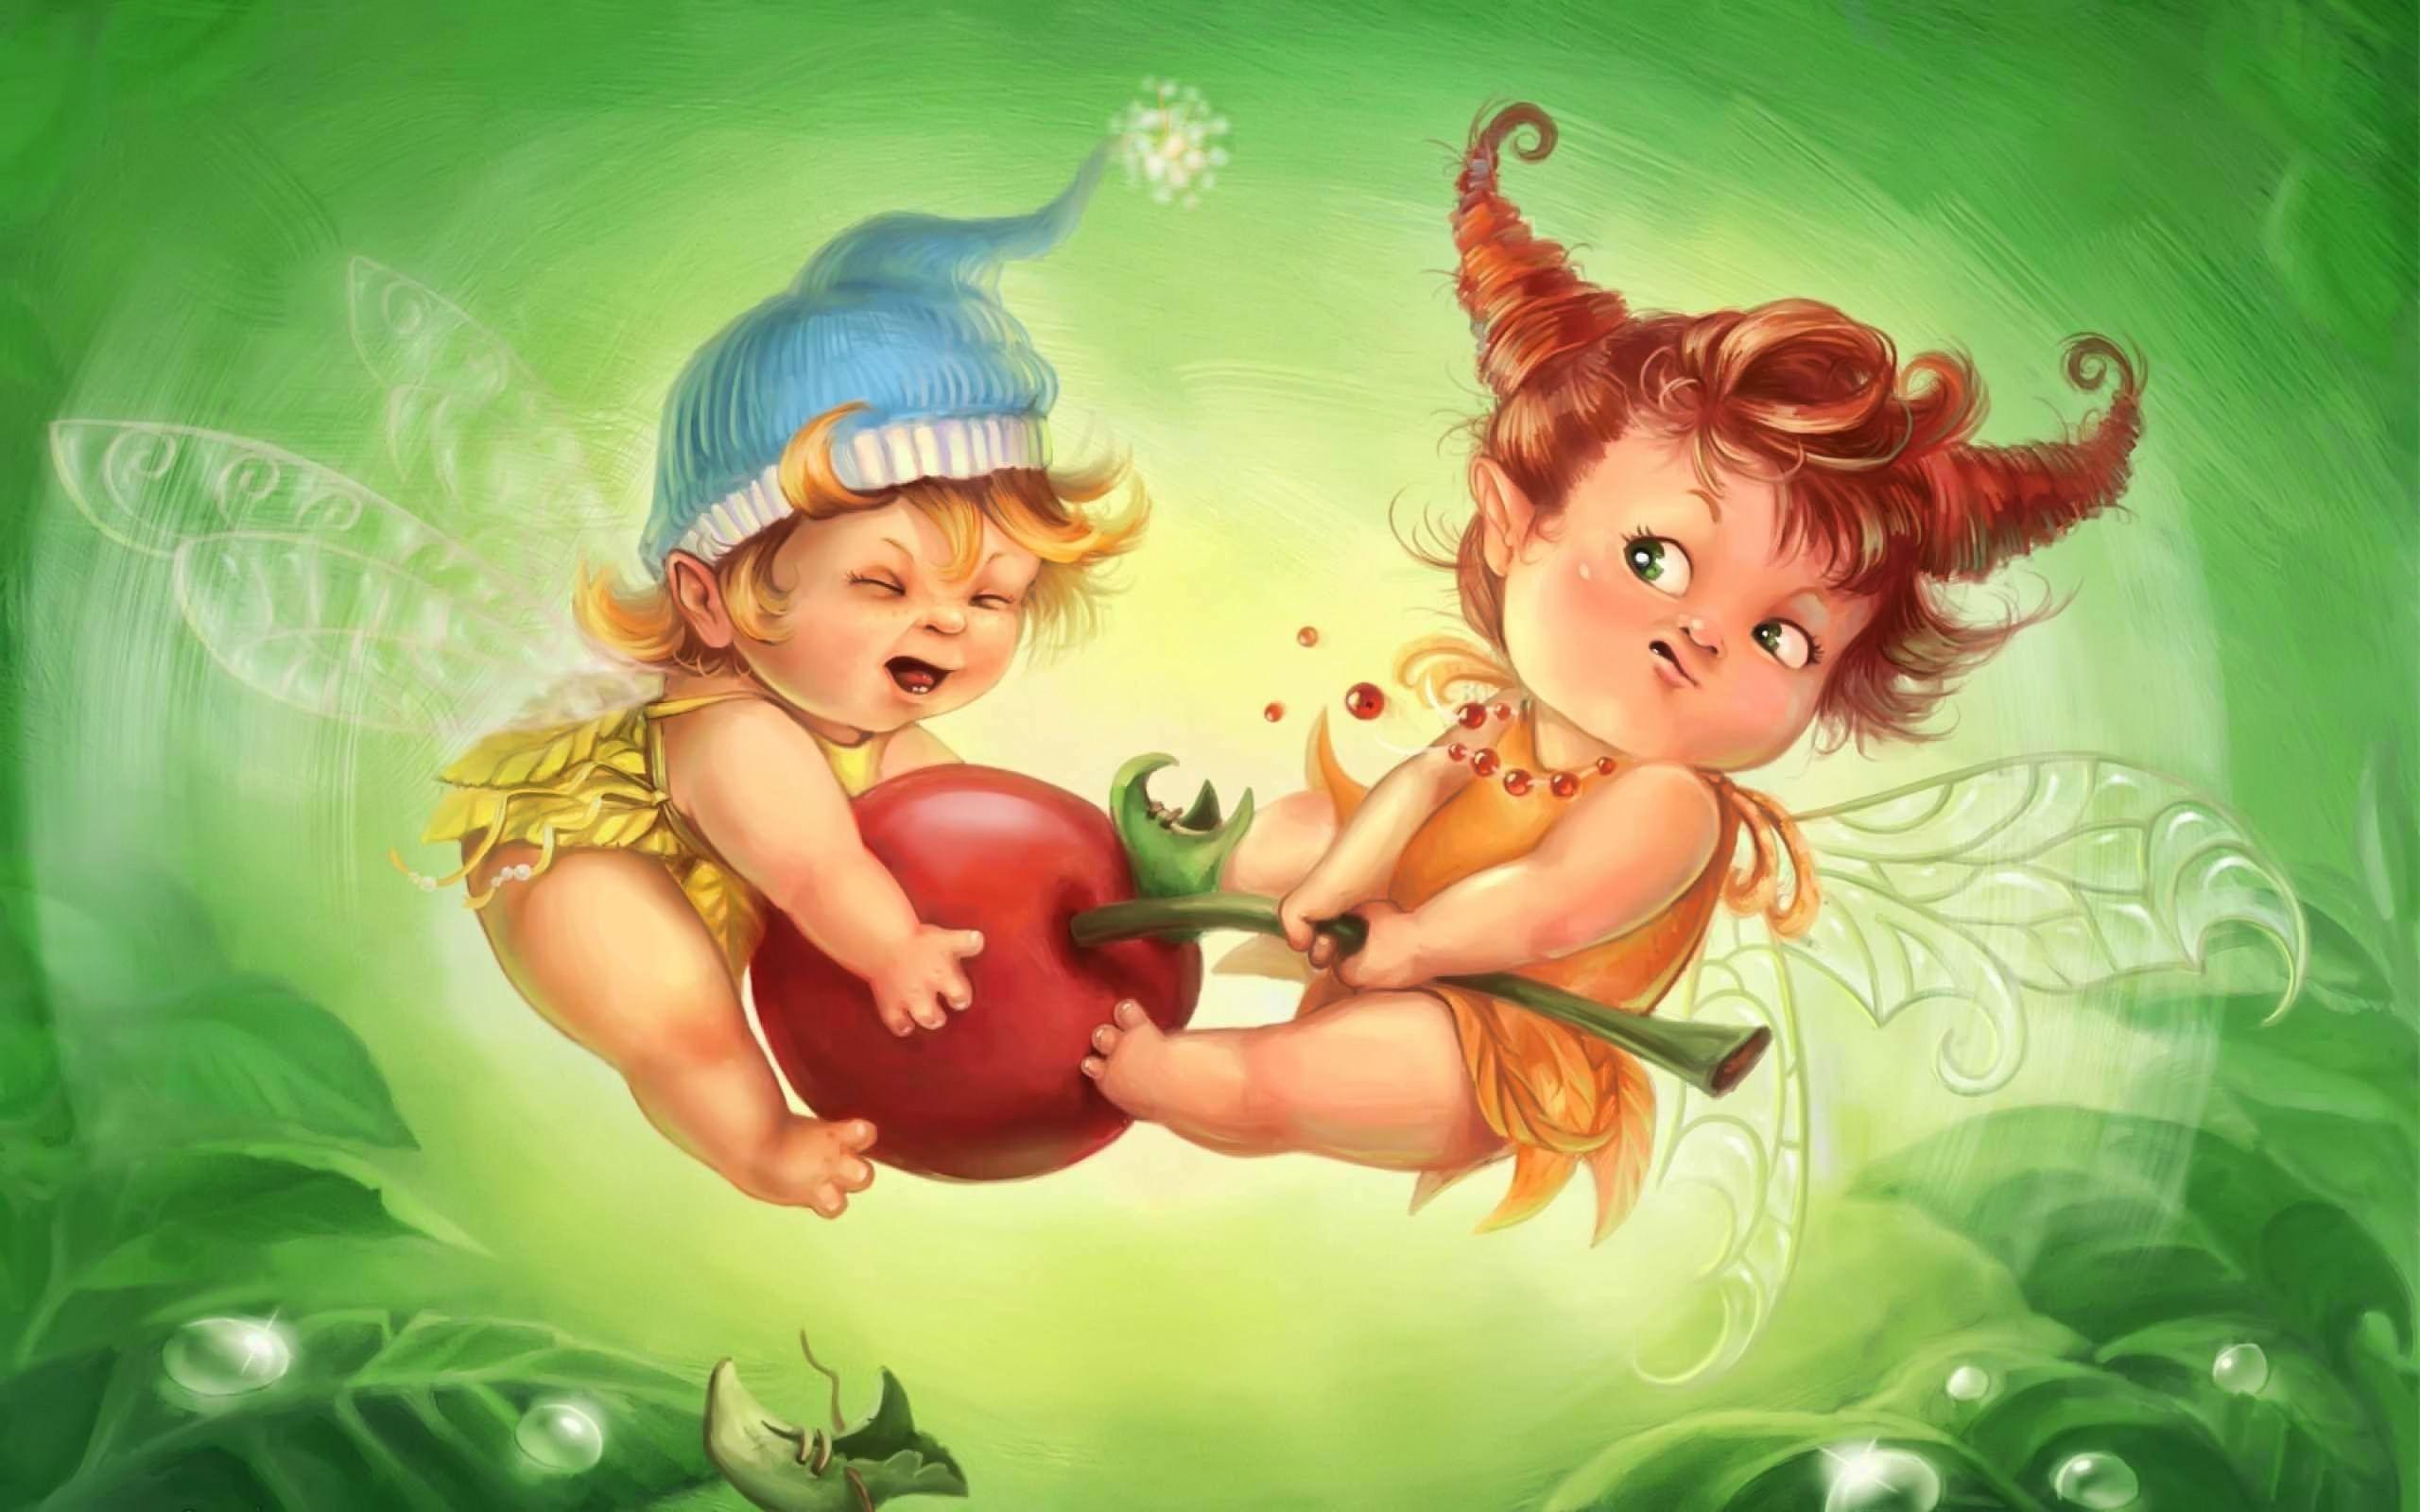 Res: 2560x1600, Fairy children fighting over cherries wallpaper HD.